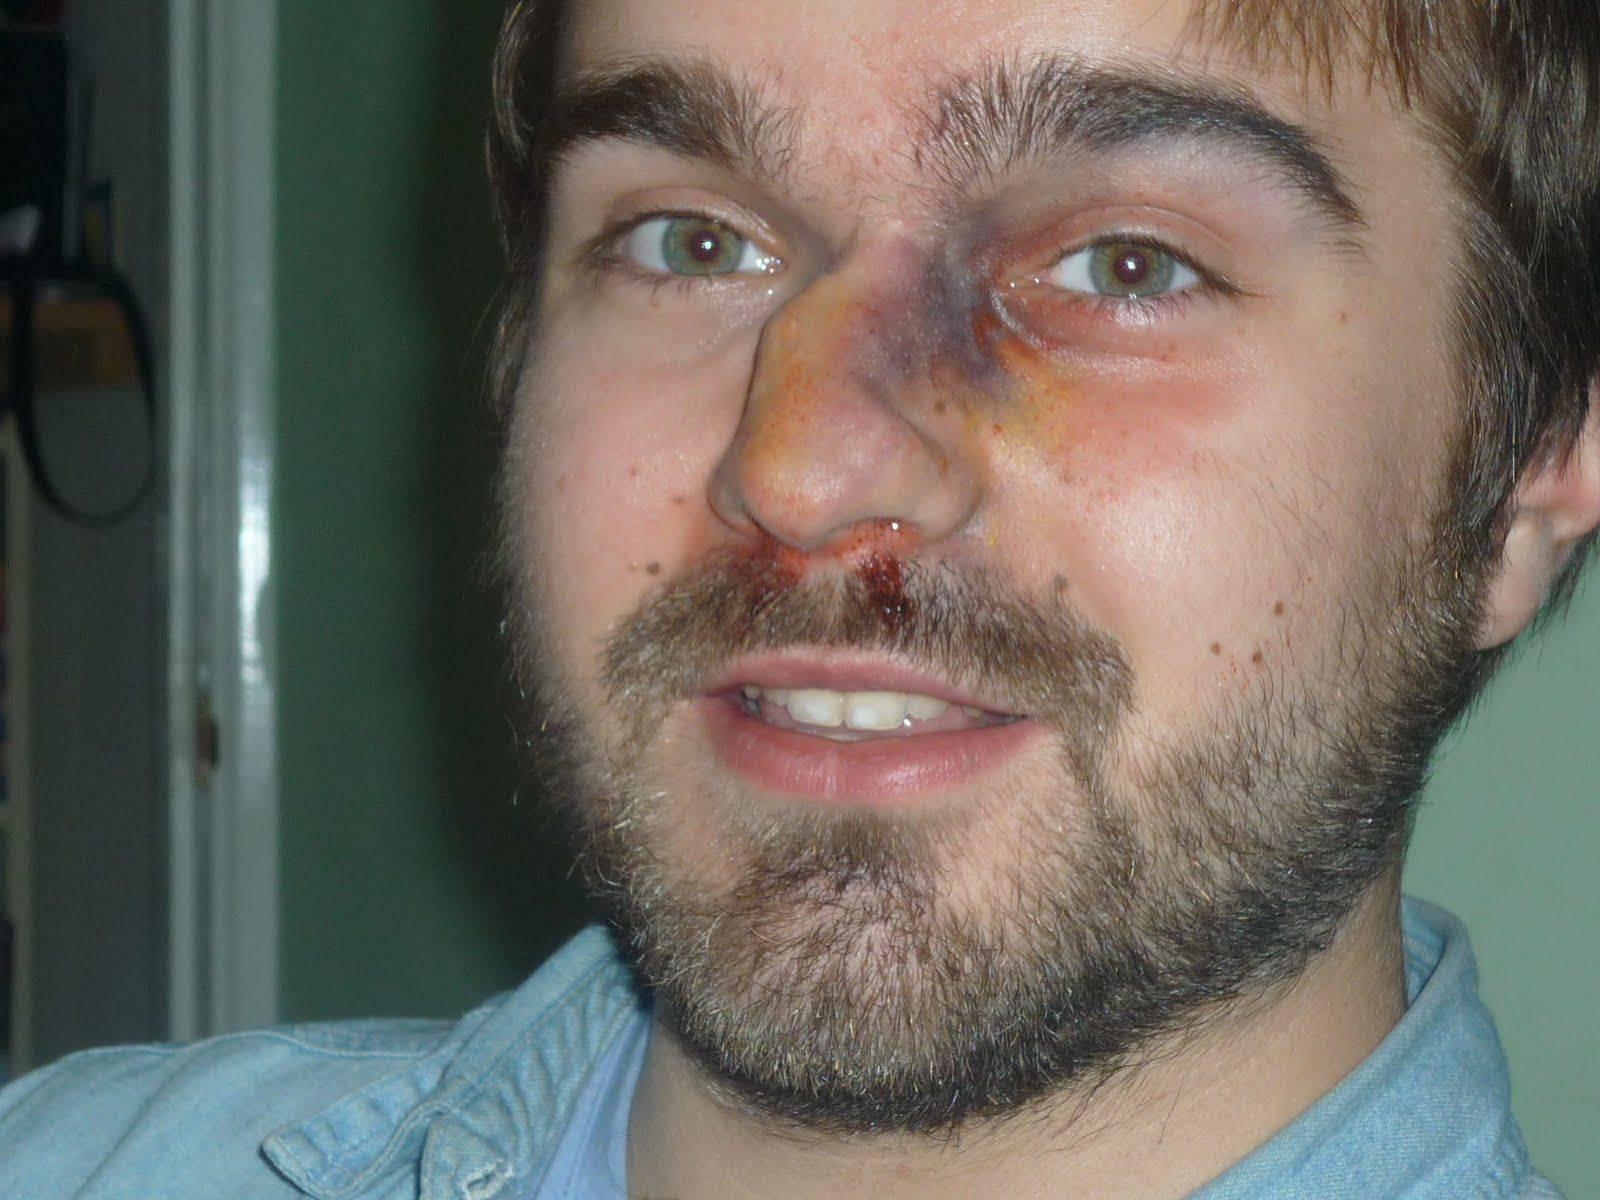 Перелом носа: симптомы, лечение, первая помощь, как вправляют, реабилитация